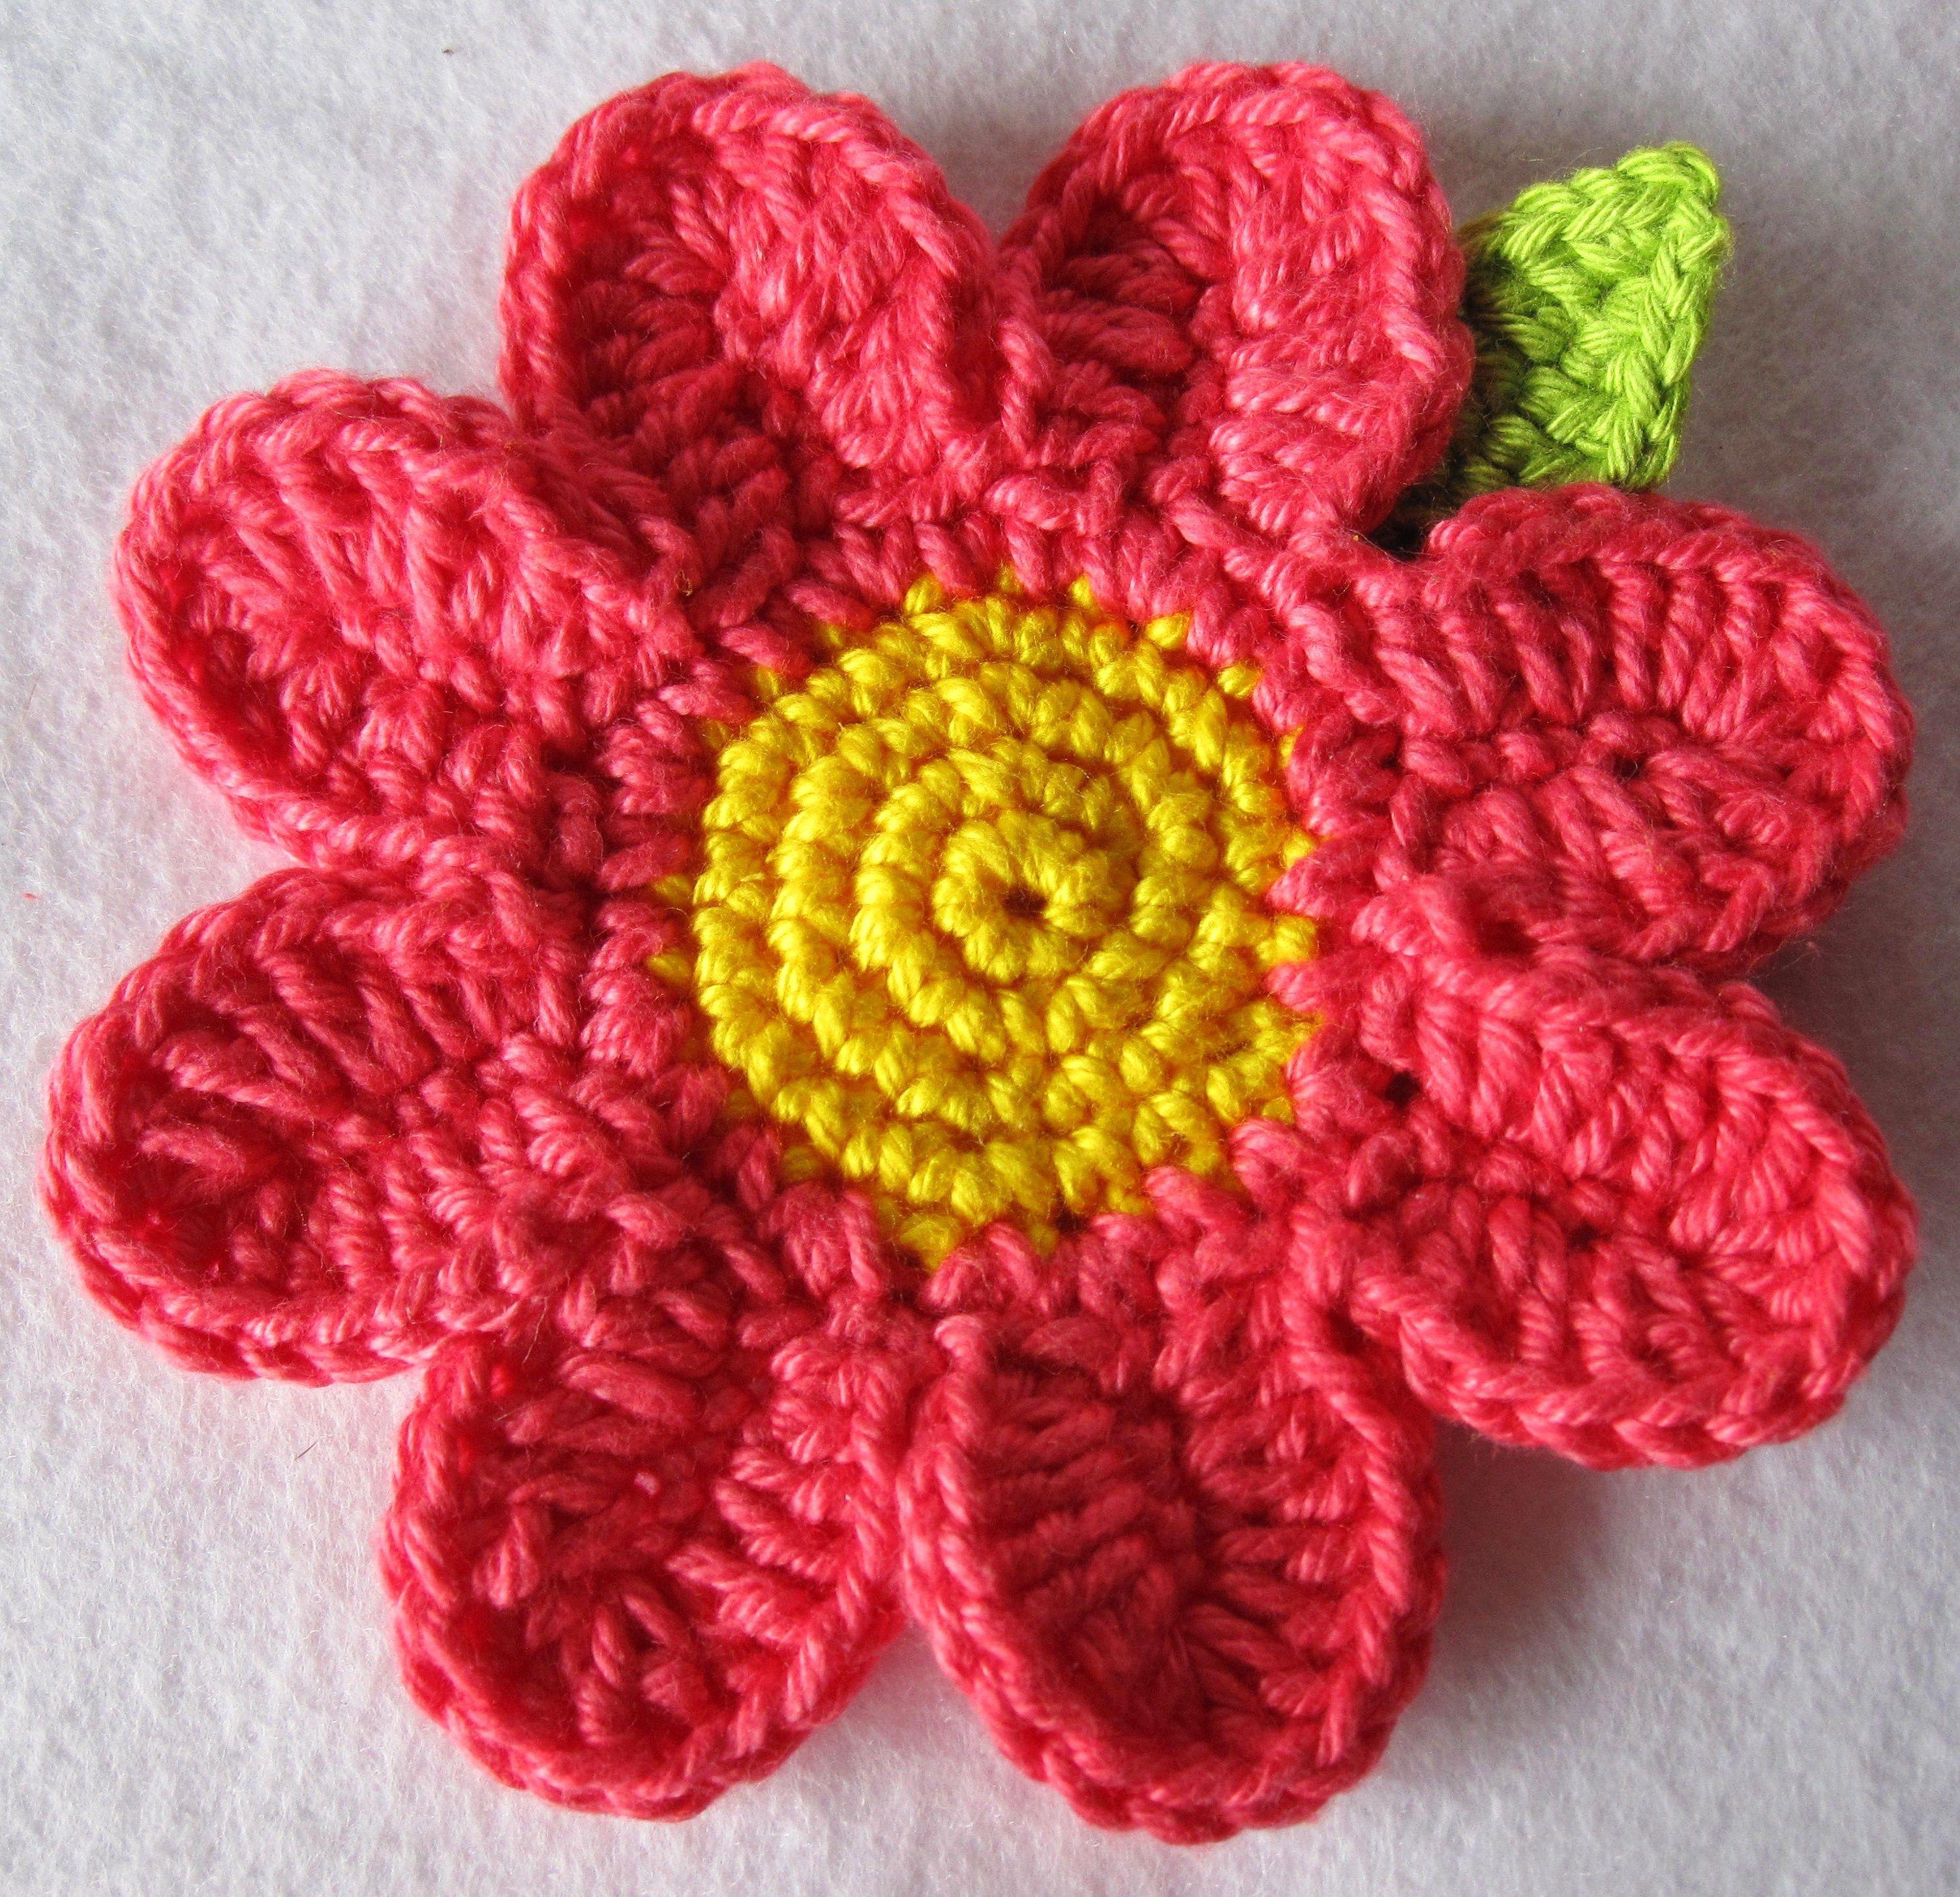 Crochet Coasters : Crochet Flower Coasters Crochet - Flower Pinterest